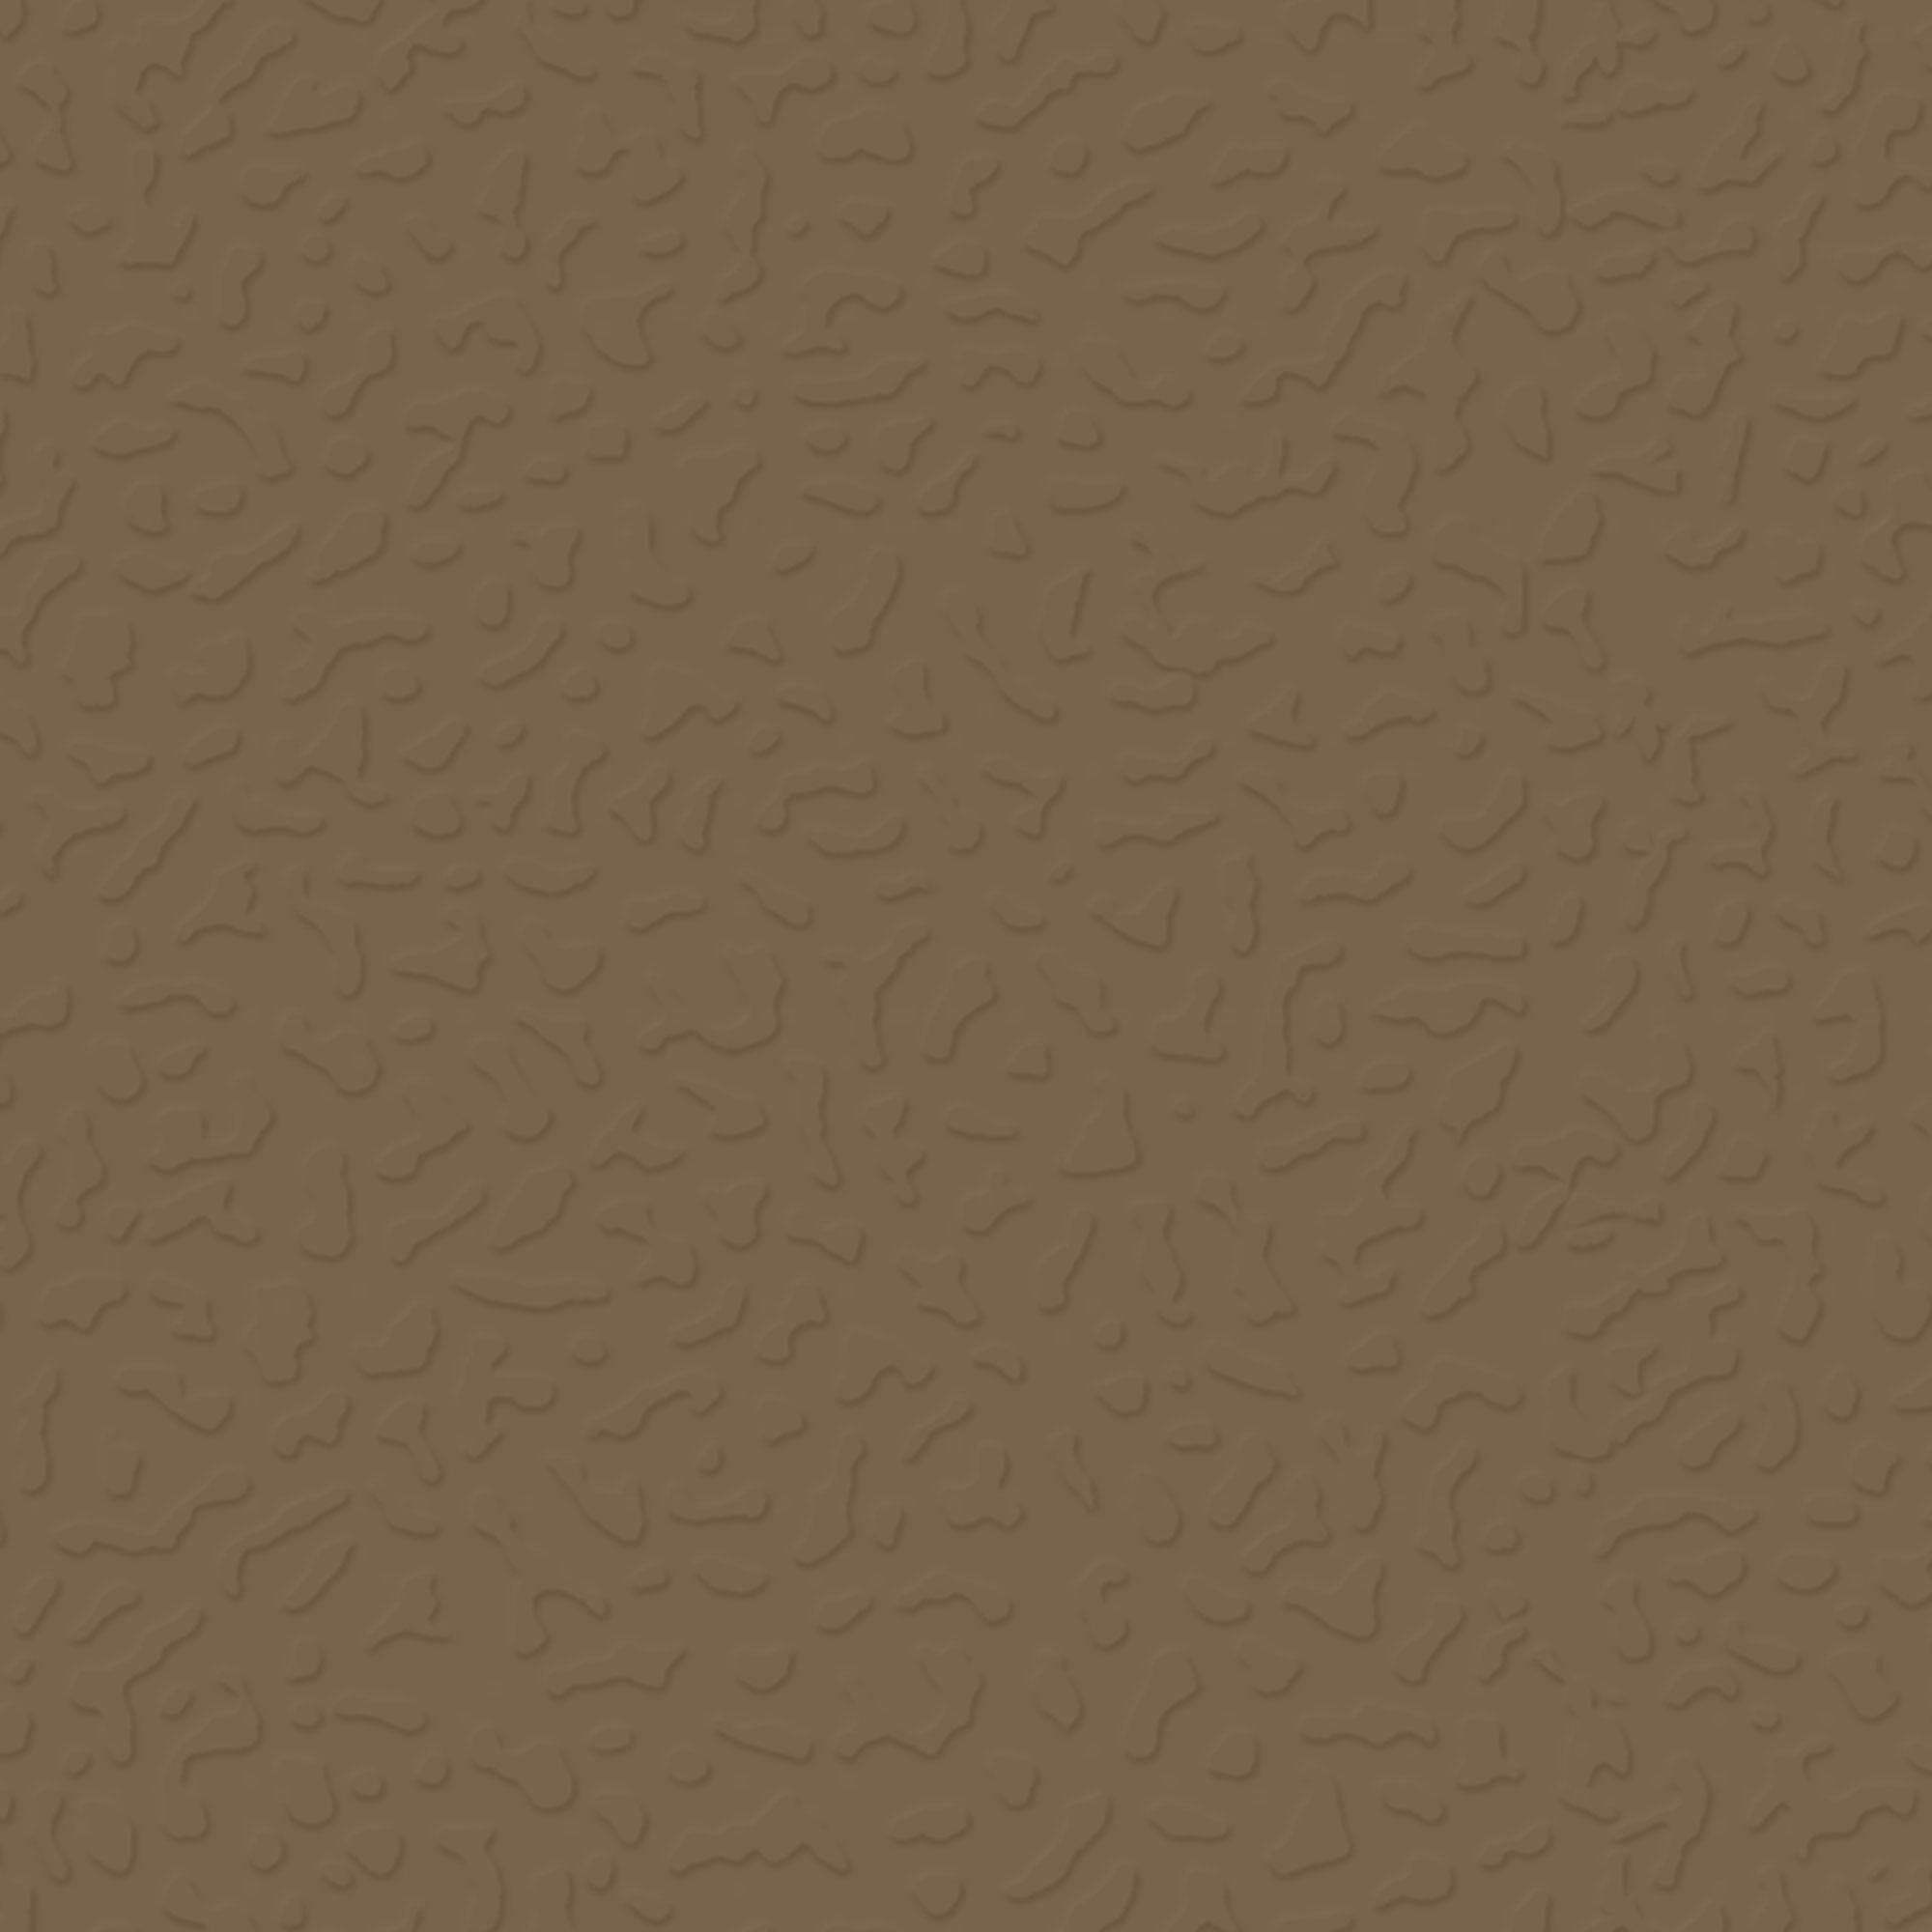 Roppe Rubber Tile 900 - Textured Design (993) Chameleon Rubber Flooring